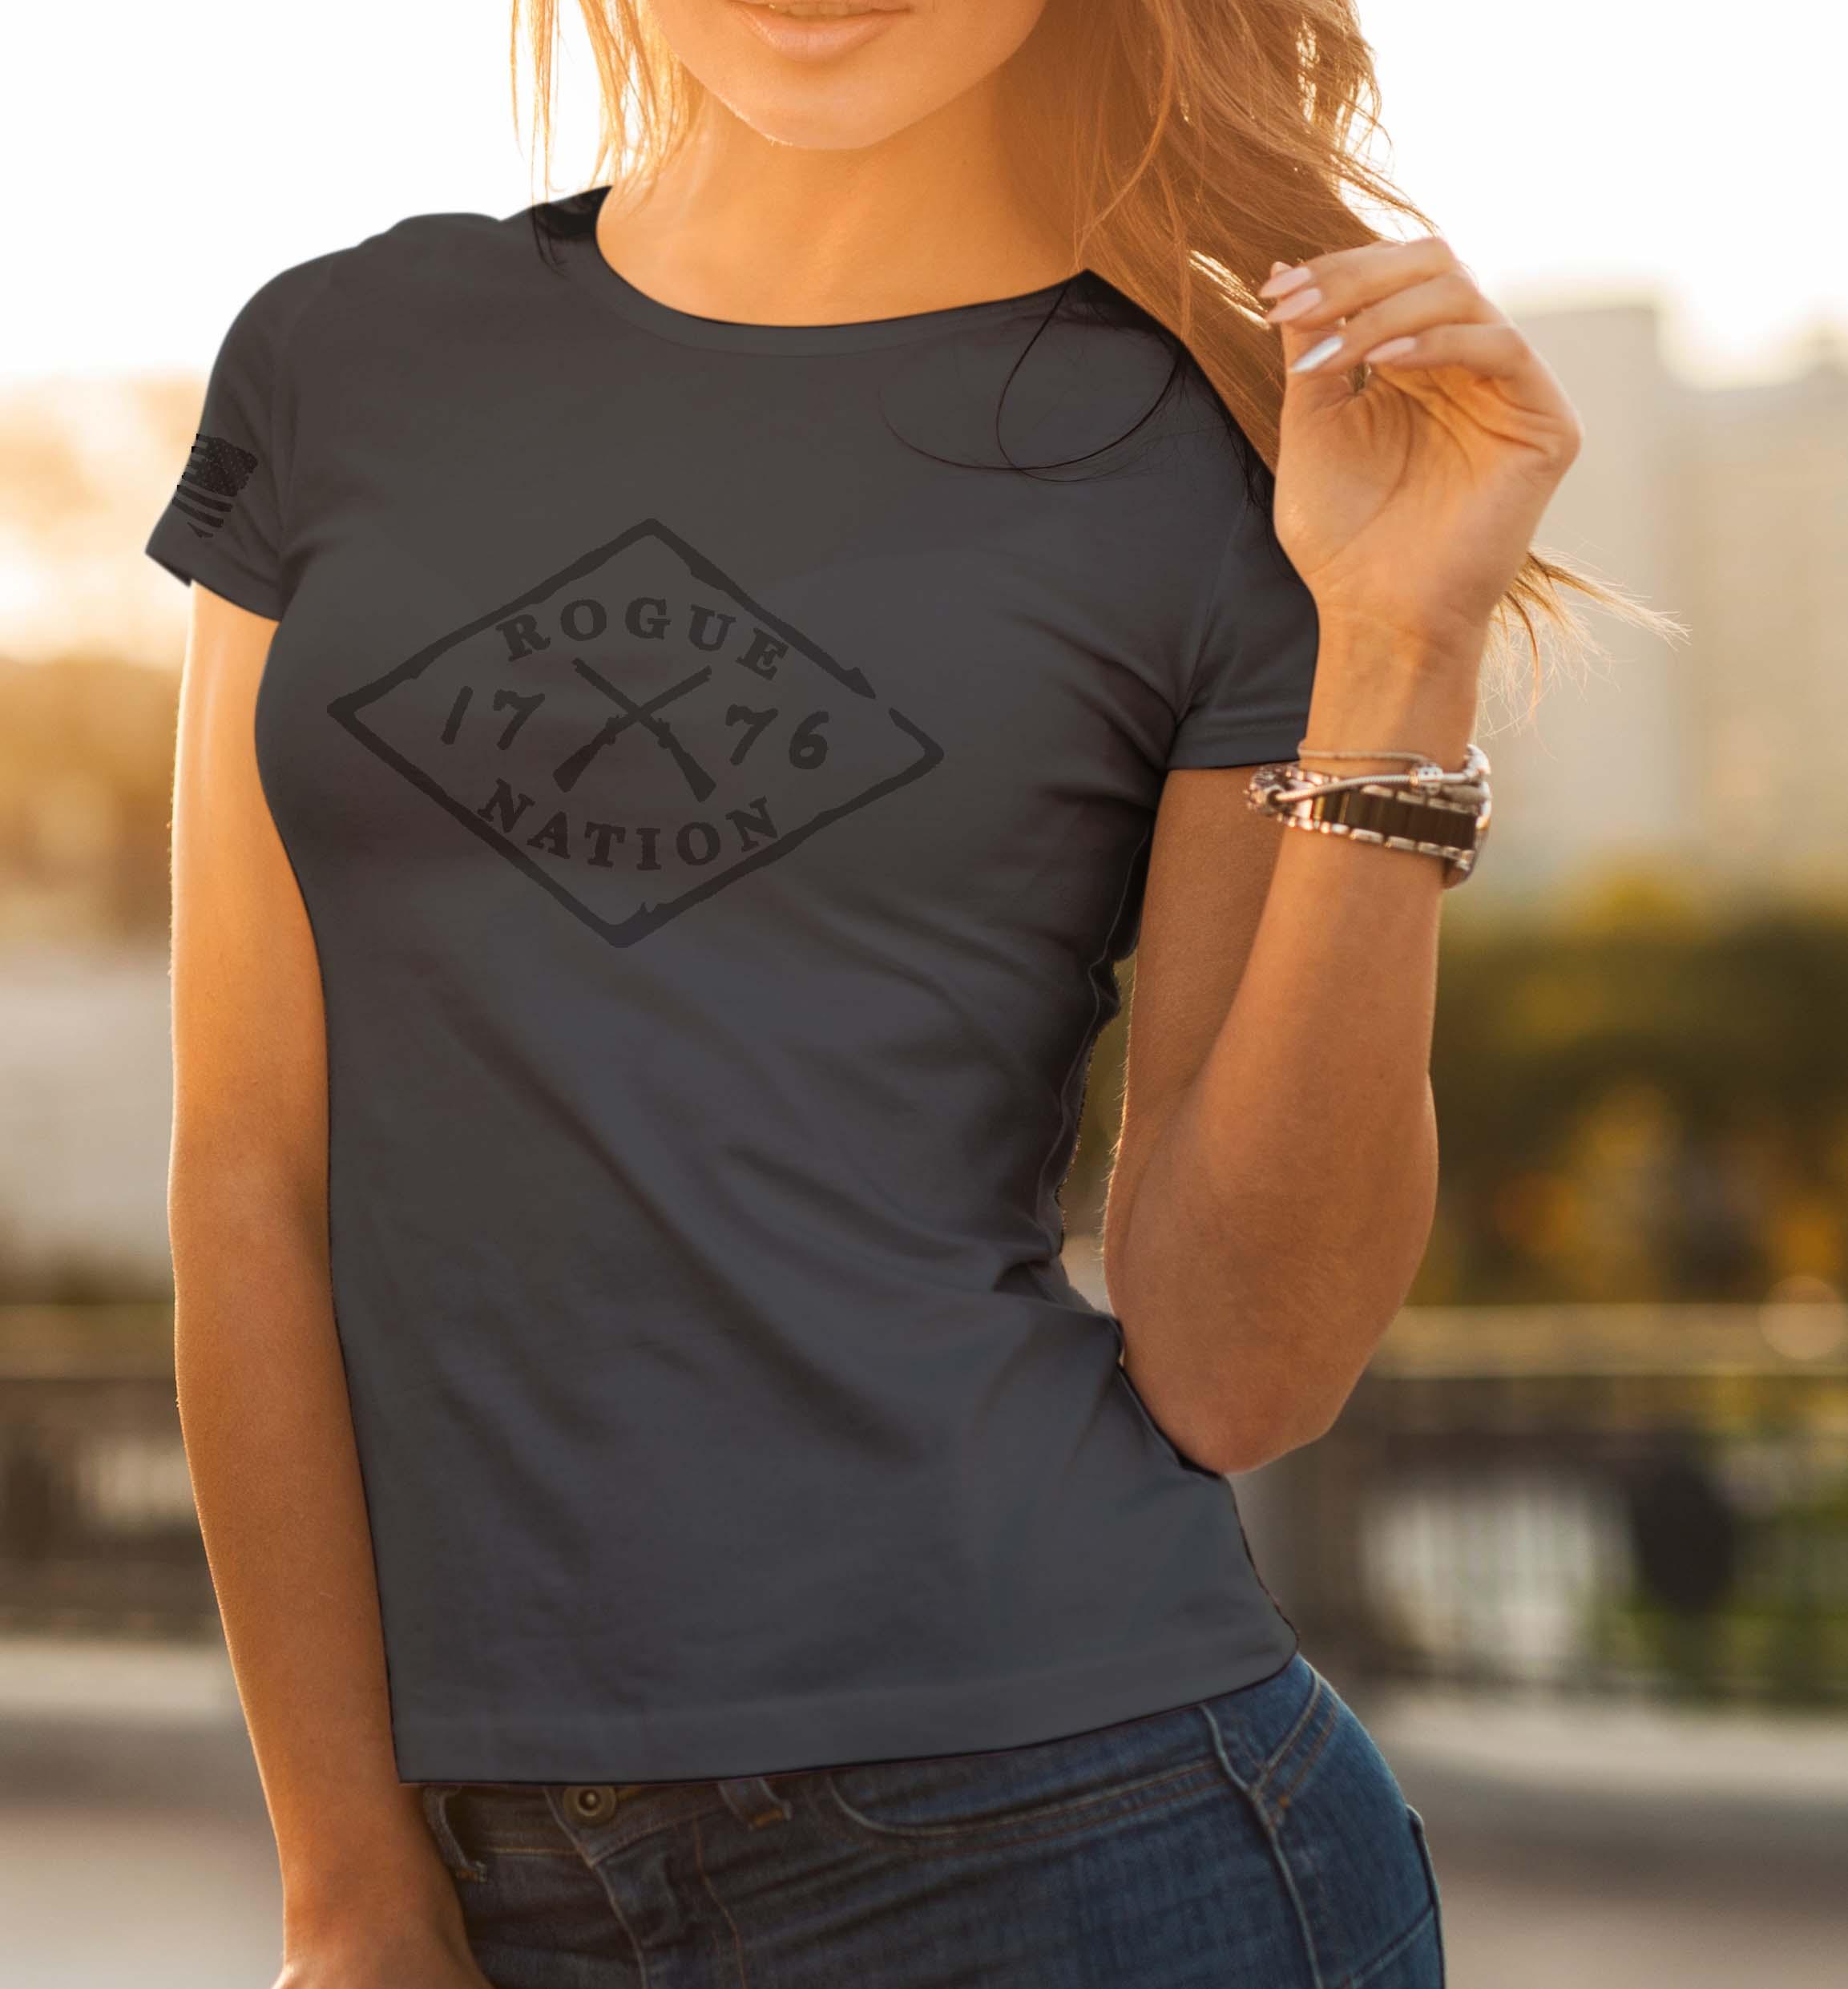 t-shirt full logo on charcoal women's